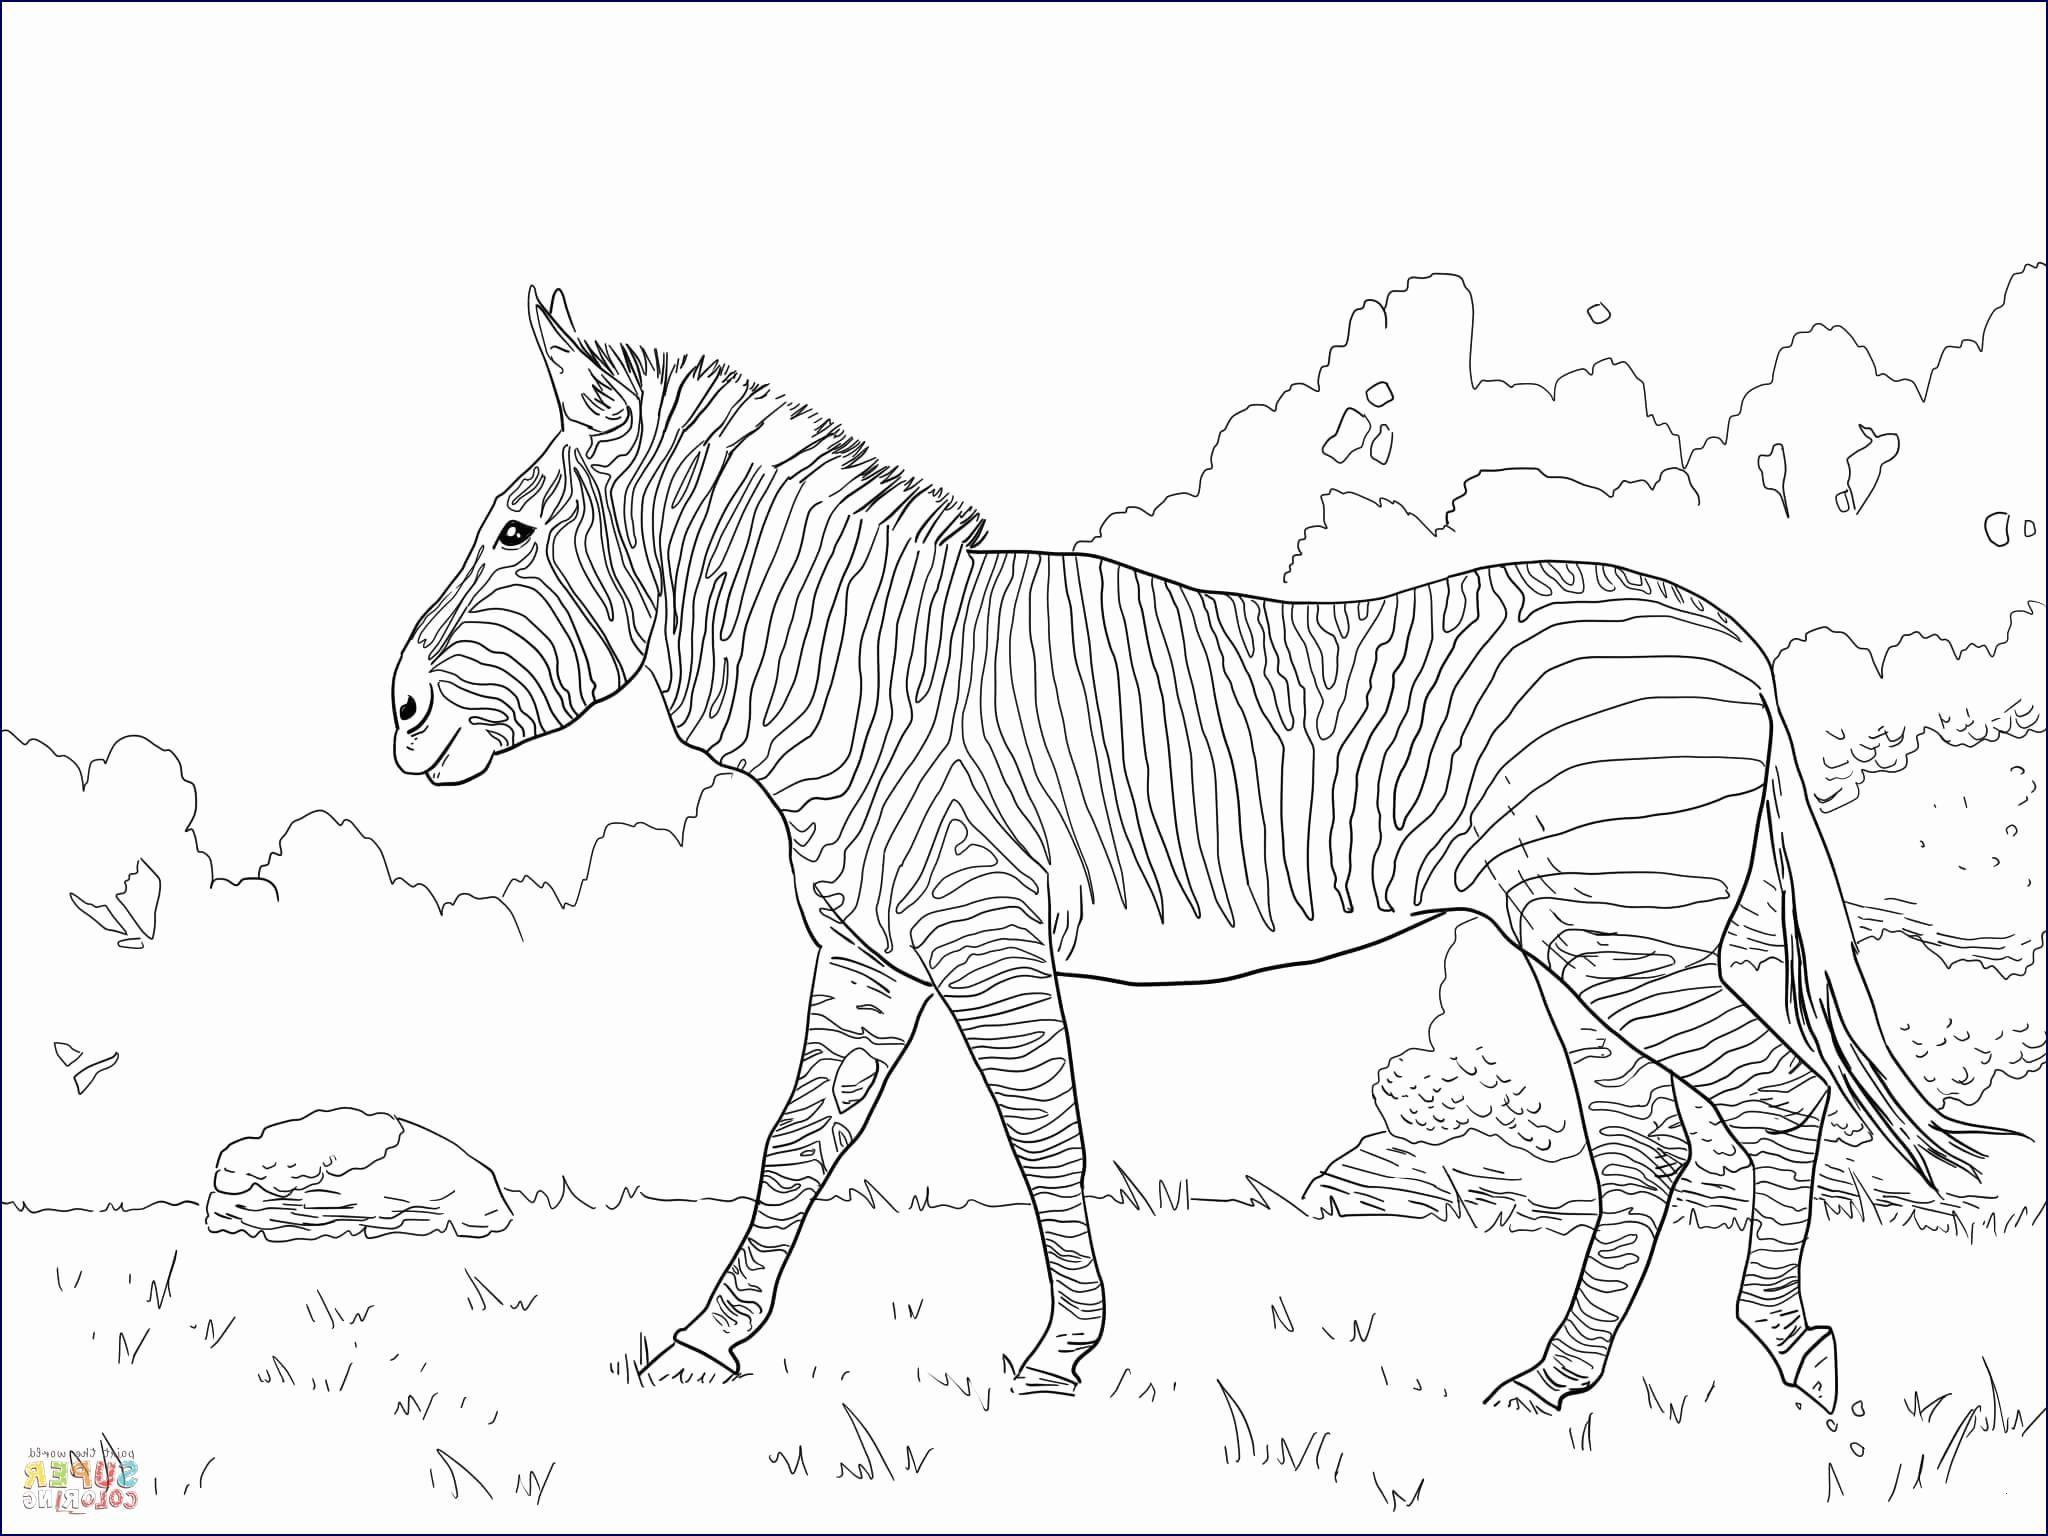 Pegasus Zum Ausmalen Das Beste Von 34 Einzigartig Unicorn Zum Ausmalen – Malvorlagen Ideen Fotos